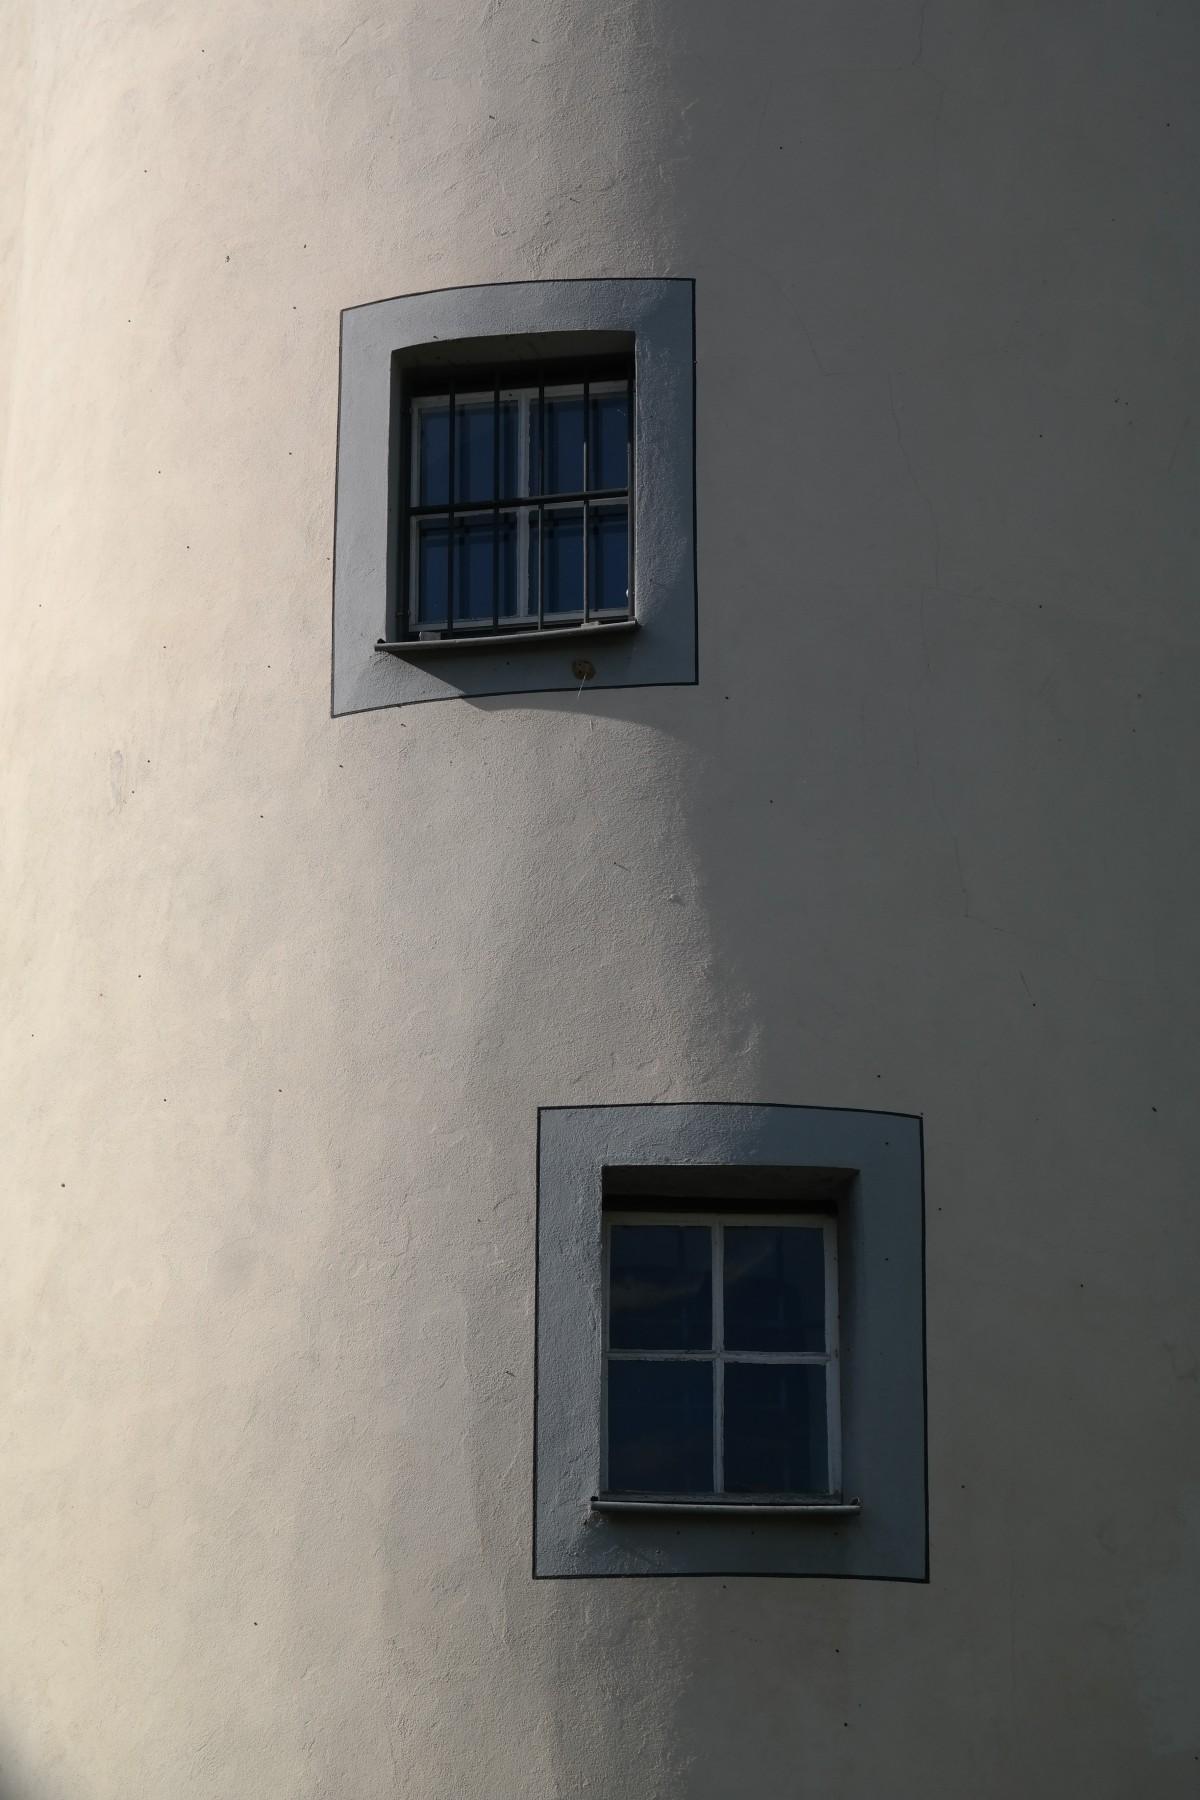 Gratis afbeeldingen hout wit huis venster aantal muur groen rood kleur blauw zwart - Huis interieur architectuur ...